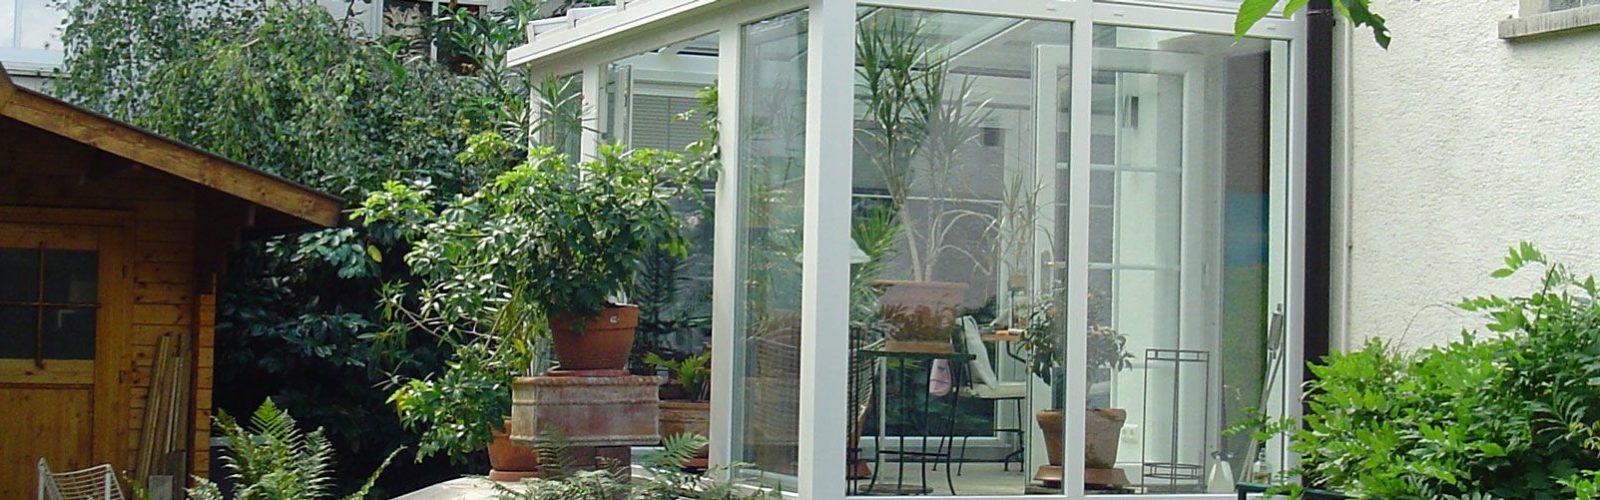 wintergarten stuttgart, wintergarten stuttgart - wintergärten vom fachmann - bechtold fenster, Design ideen